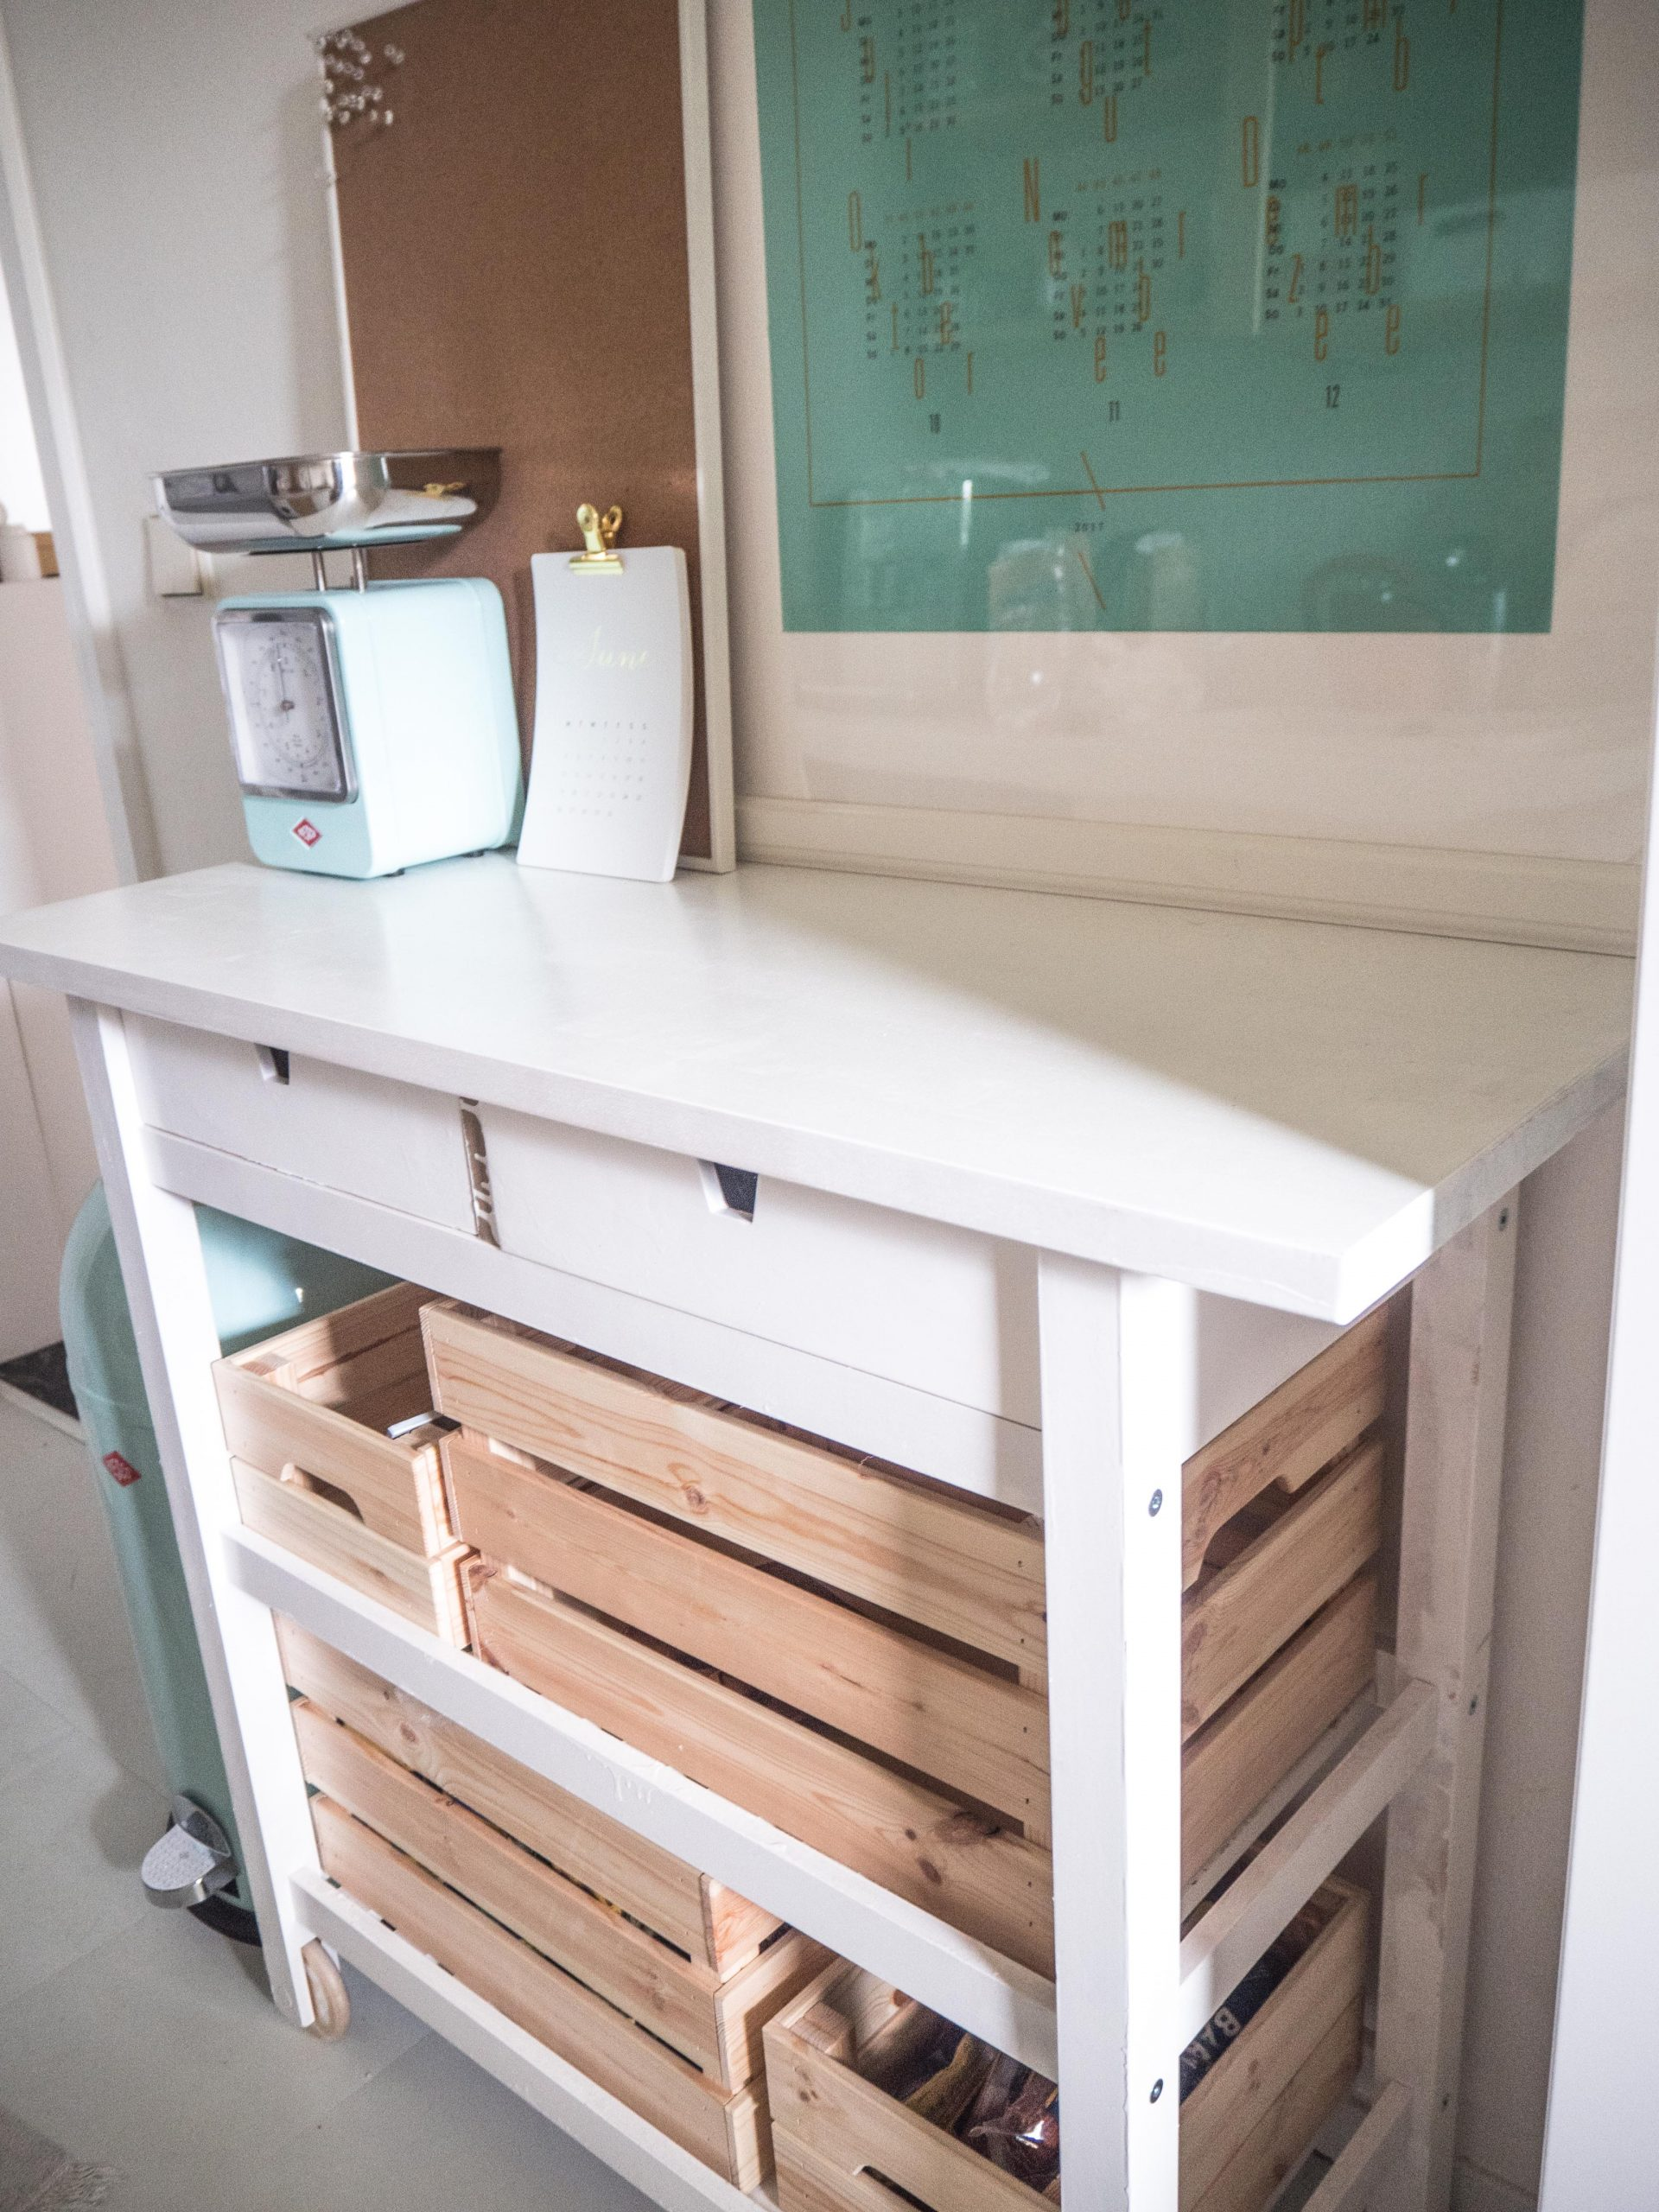 Full Size of Sideboard In Der Kche Nummer Fnfzehn Küche Ikea Kosten Kaufen Sofa Mit Schlaffunktion Modulküche Betten 160x200 Miniküche Bei Wohnzimmer Küchenschrank Ikea